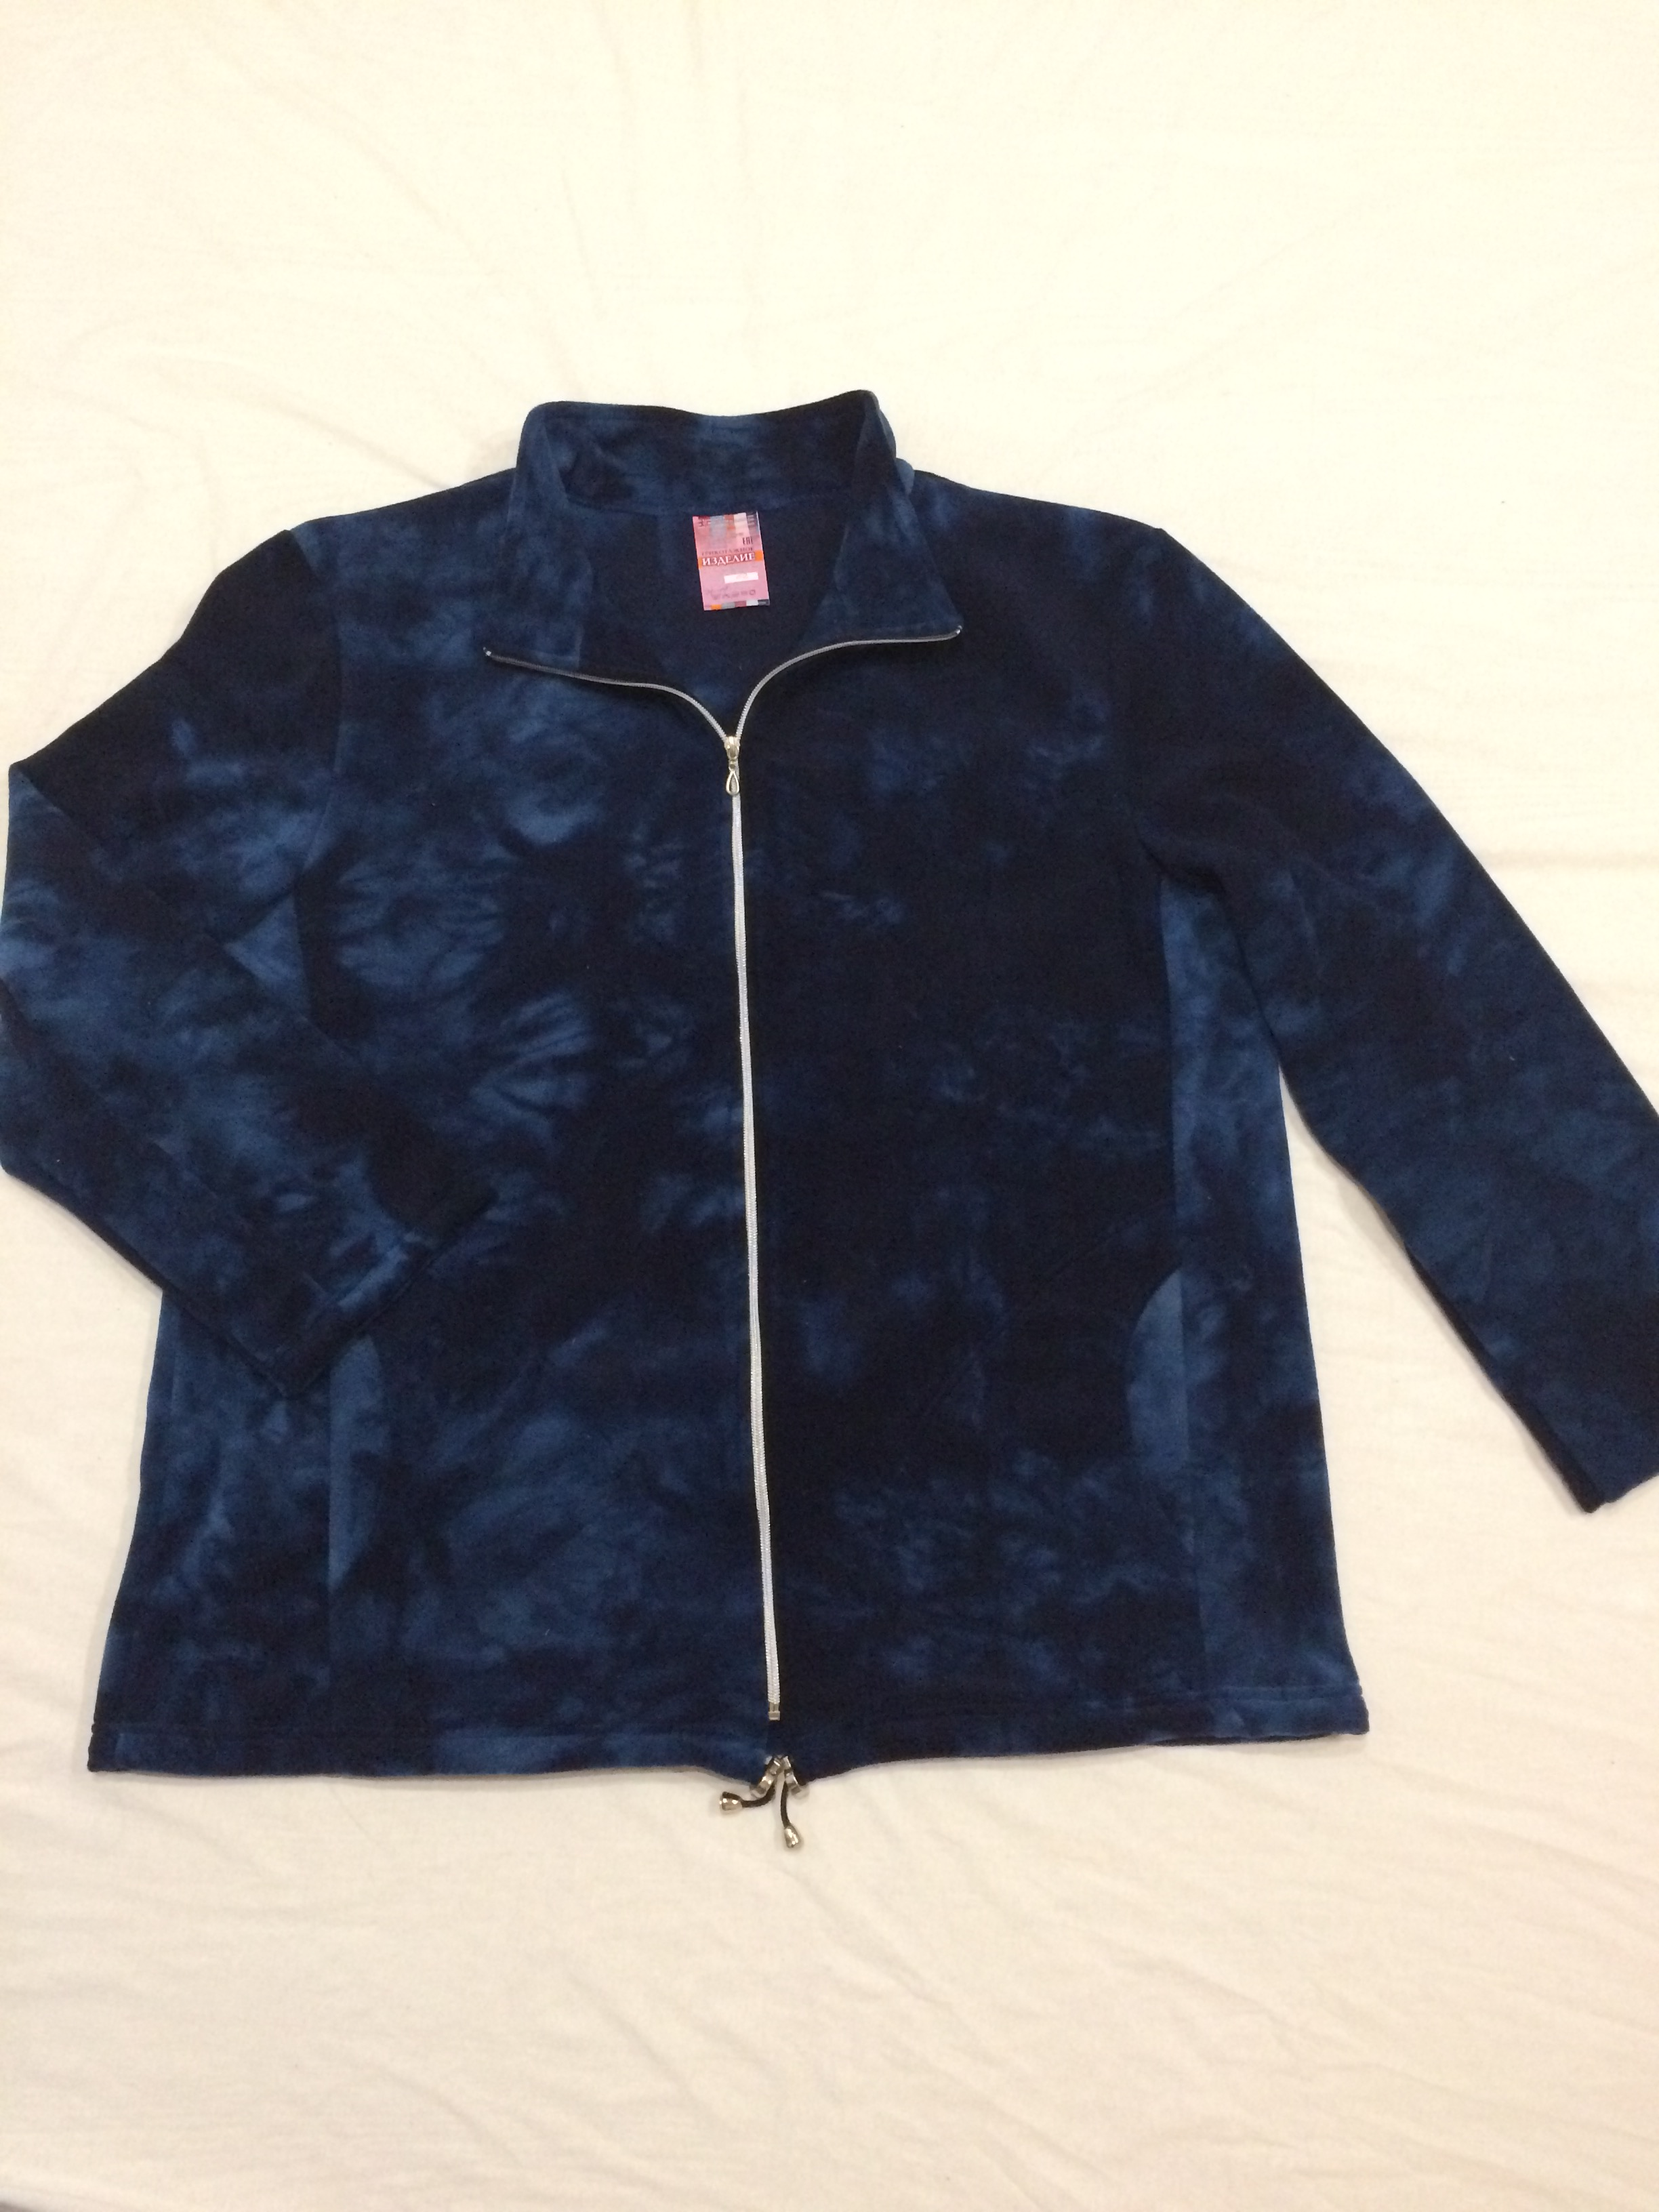 Изображение: Куртка мужская